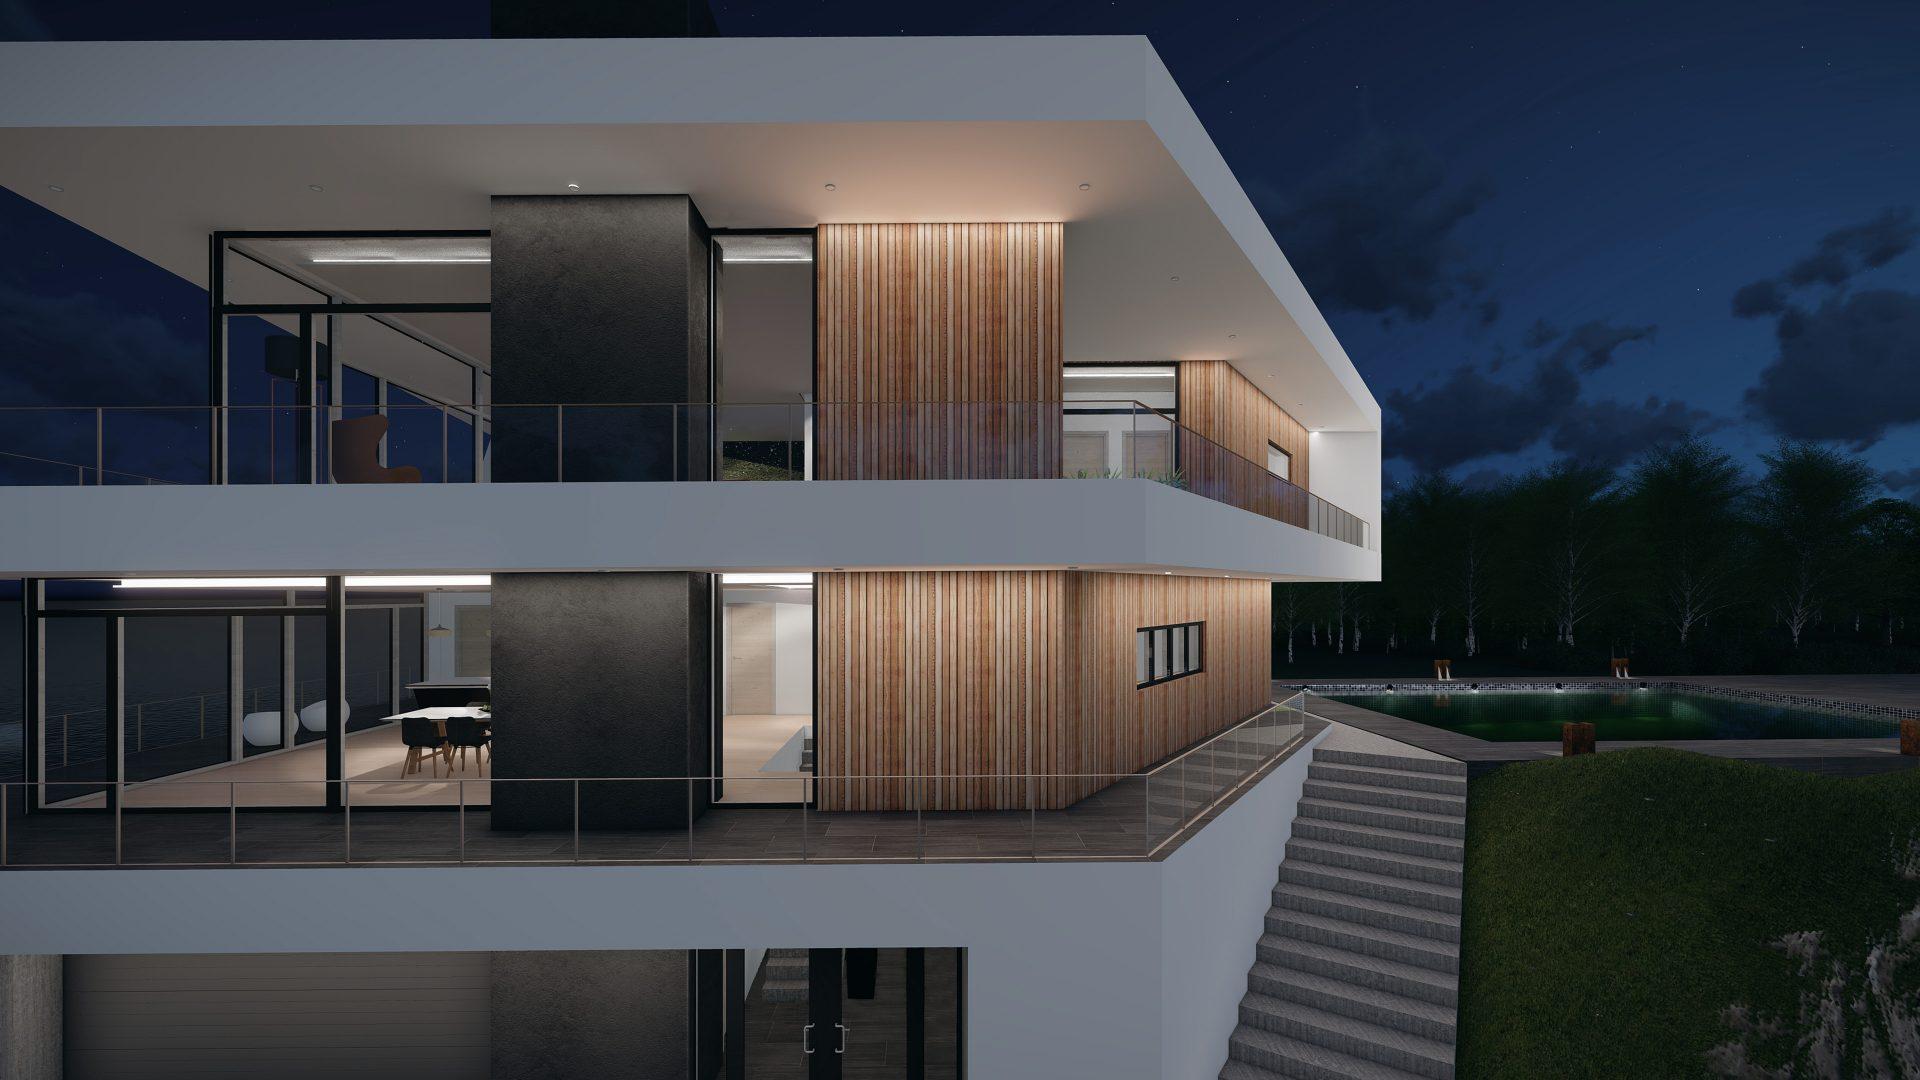 Moderne funkisvilla